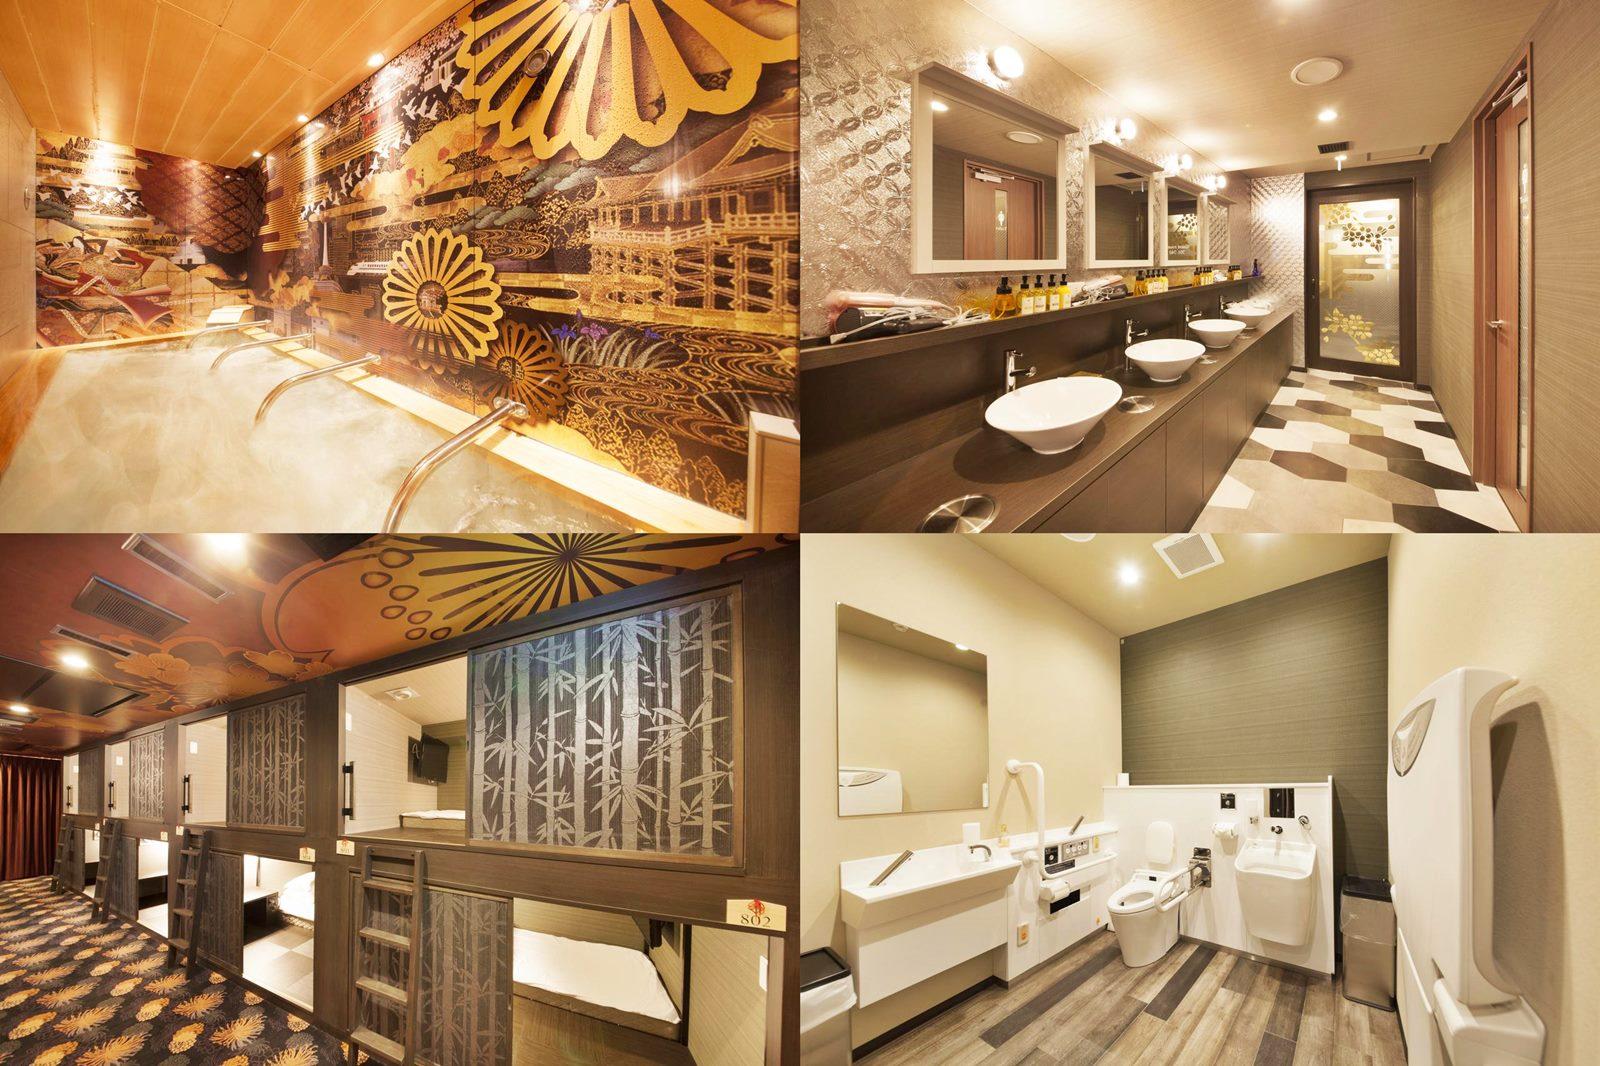 日本-京都-住宿-推薦-飯店-旅館-民宿-公寓-酒店-Kyoto-Hotel-Best-Japan